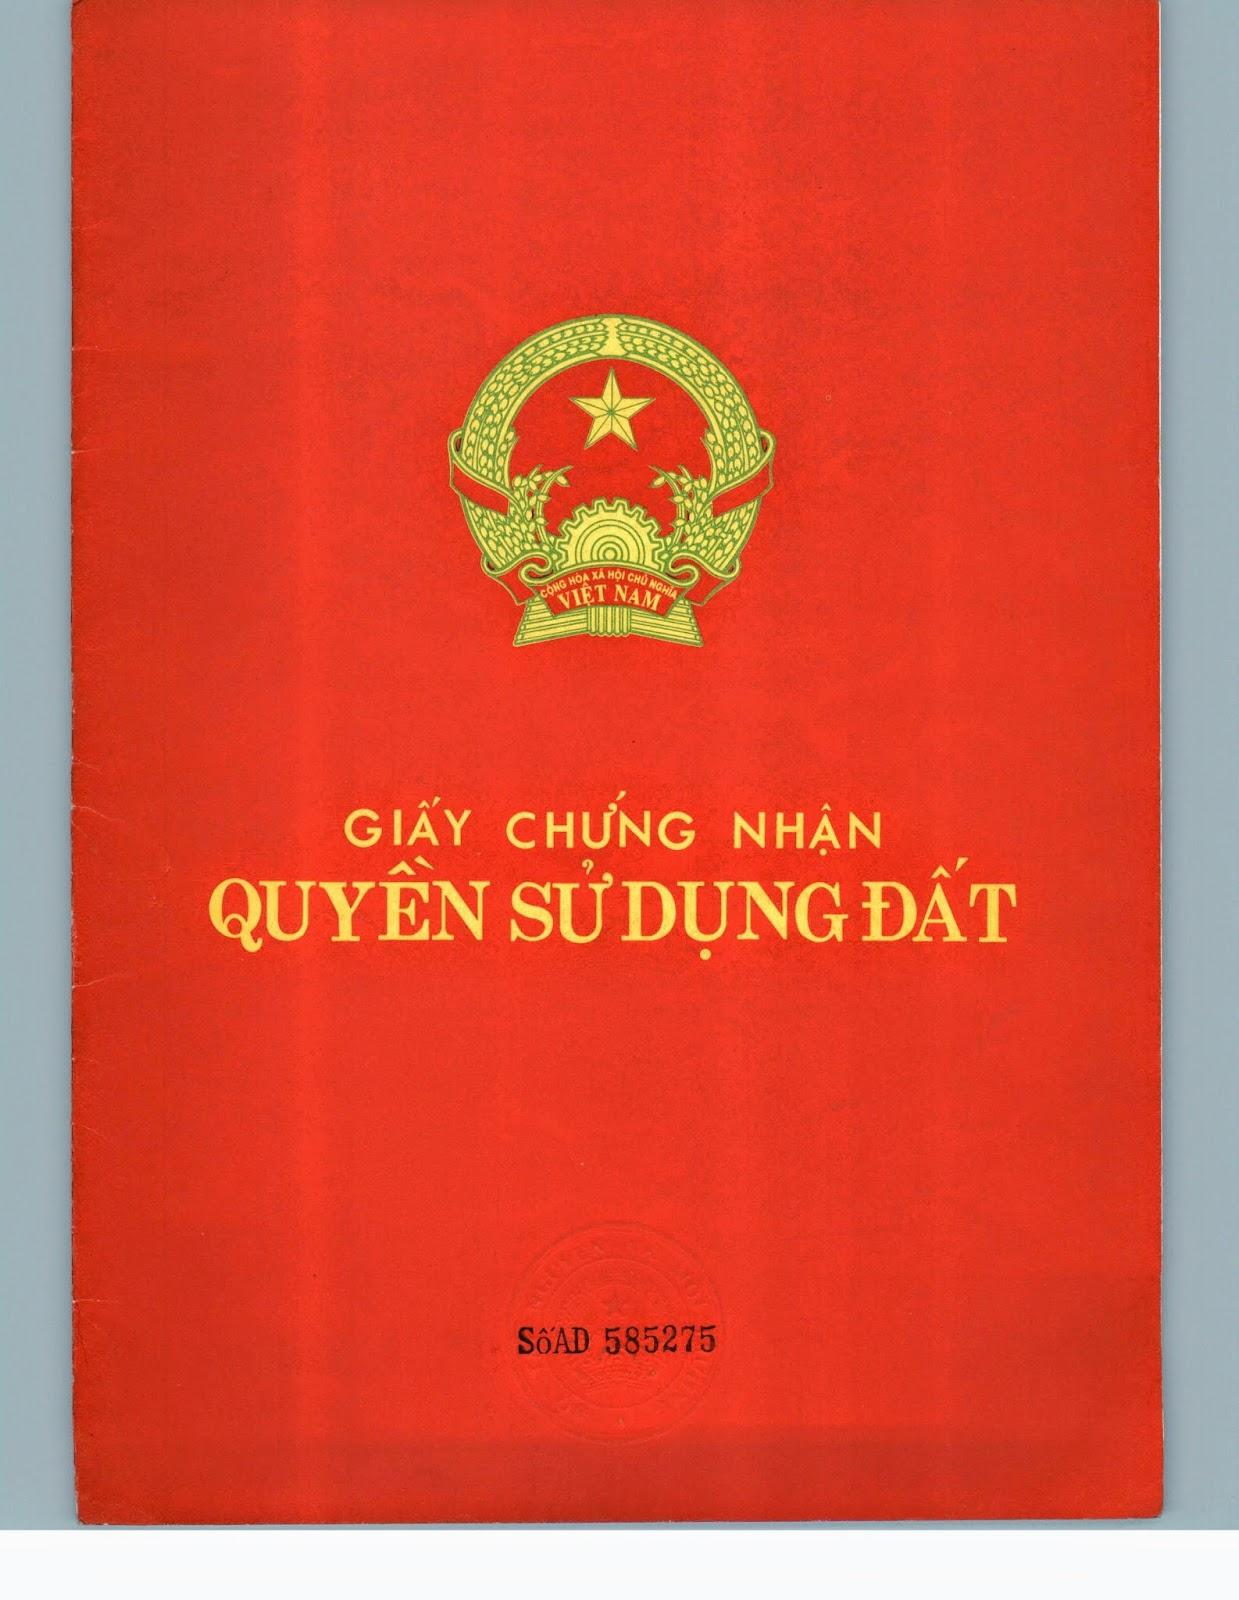 Điểm mặt hàng loạt căn nhà mặt tiền, biệt thự, căn hộ cao cấp của gia đình Viện trưởng VKSND Tối cao Nguyễn Hòa Bình tại Hà Nội